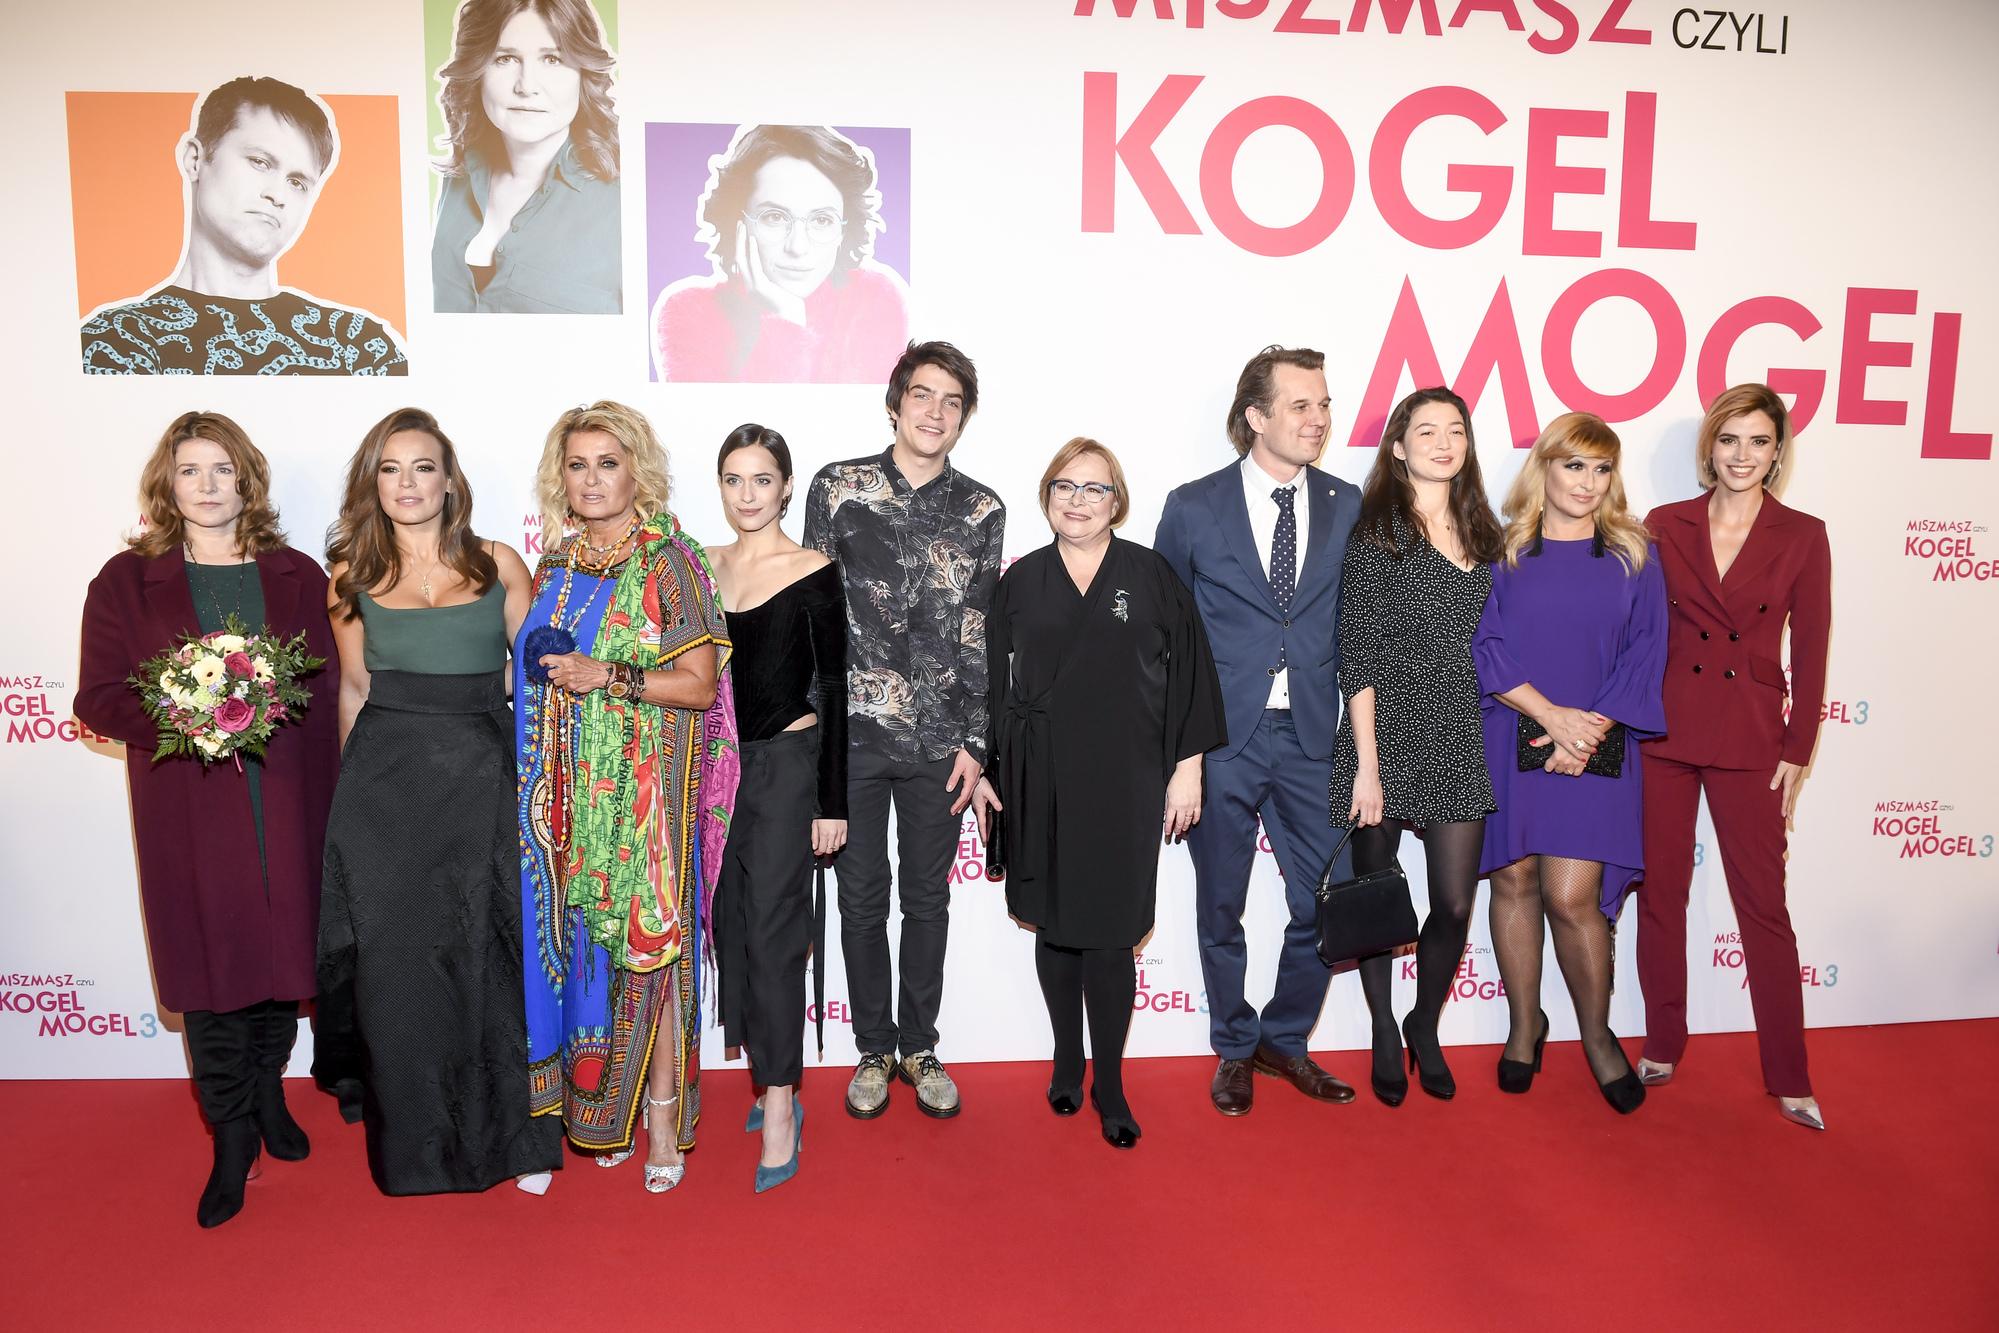 Premiera filmu: Miszmasz, czyli kogel-mogel 3. Anna Mucha zaszalała z kreacją